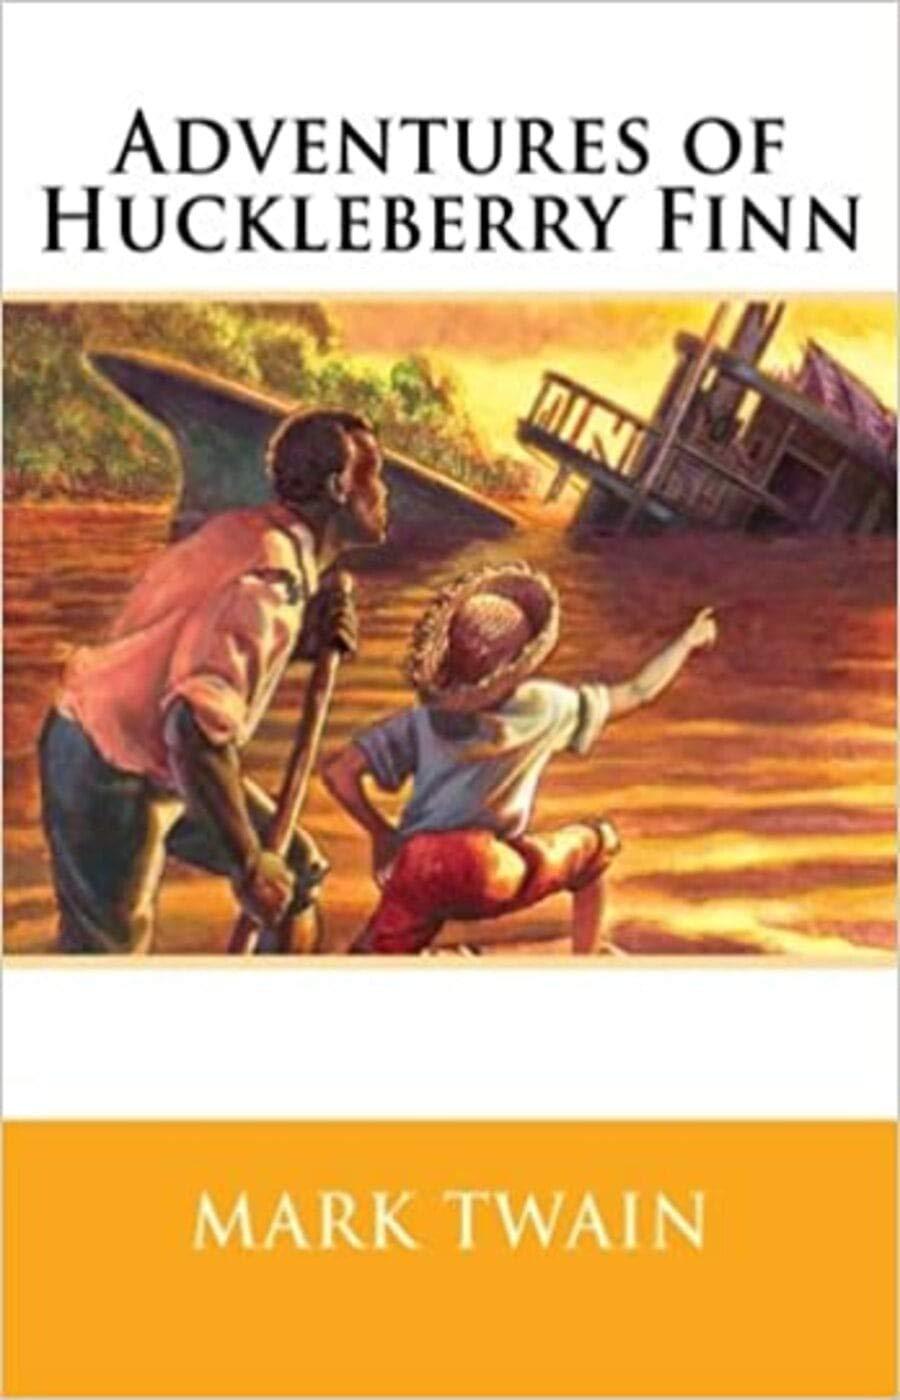 The Adventures of Huckleberry Finn - Mark Twain: Annotated